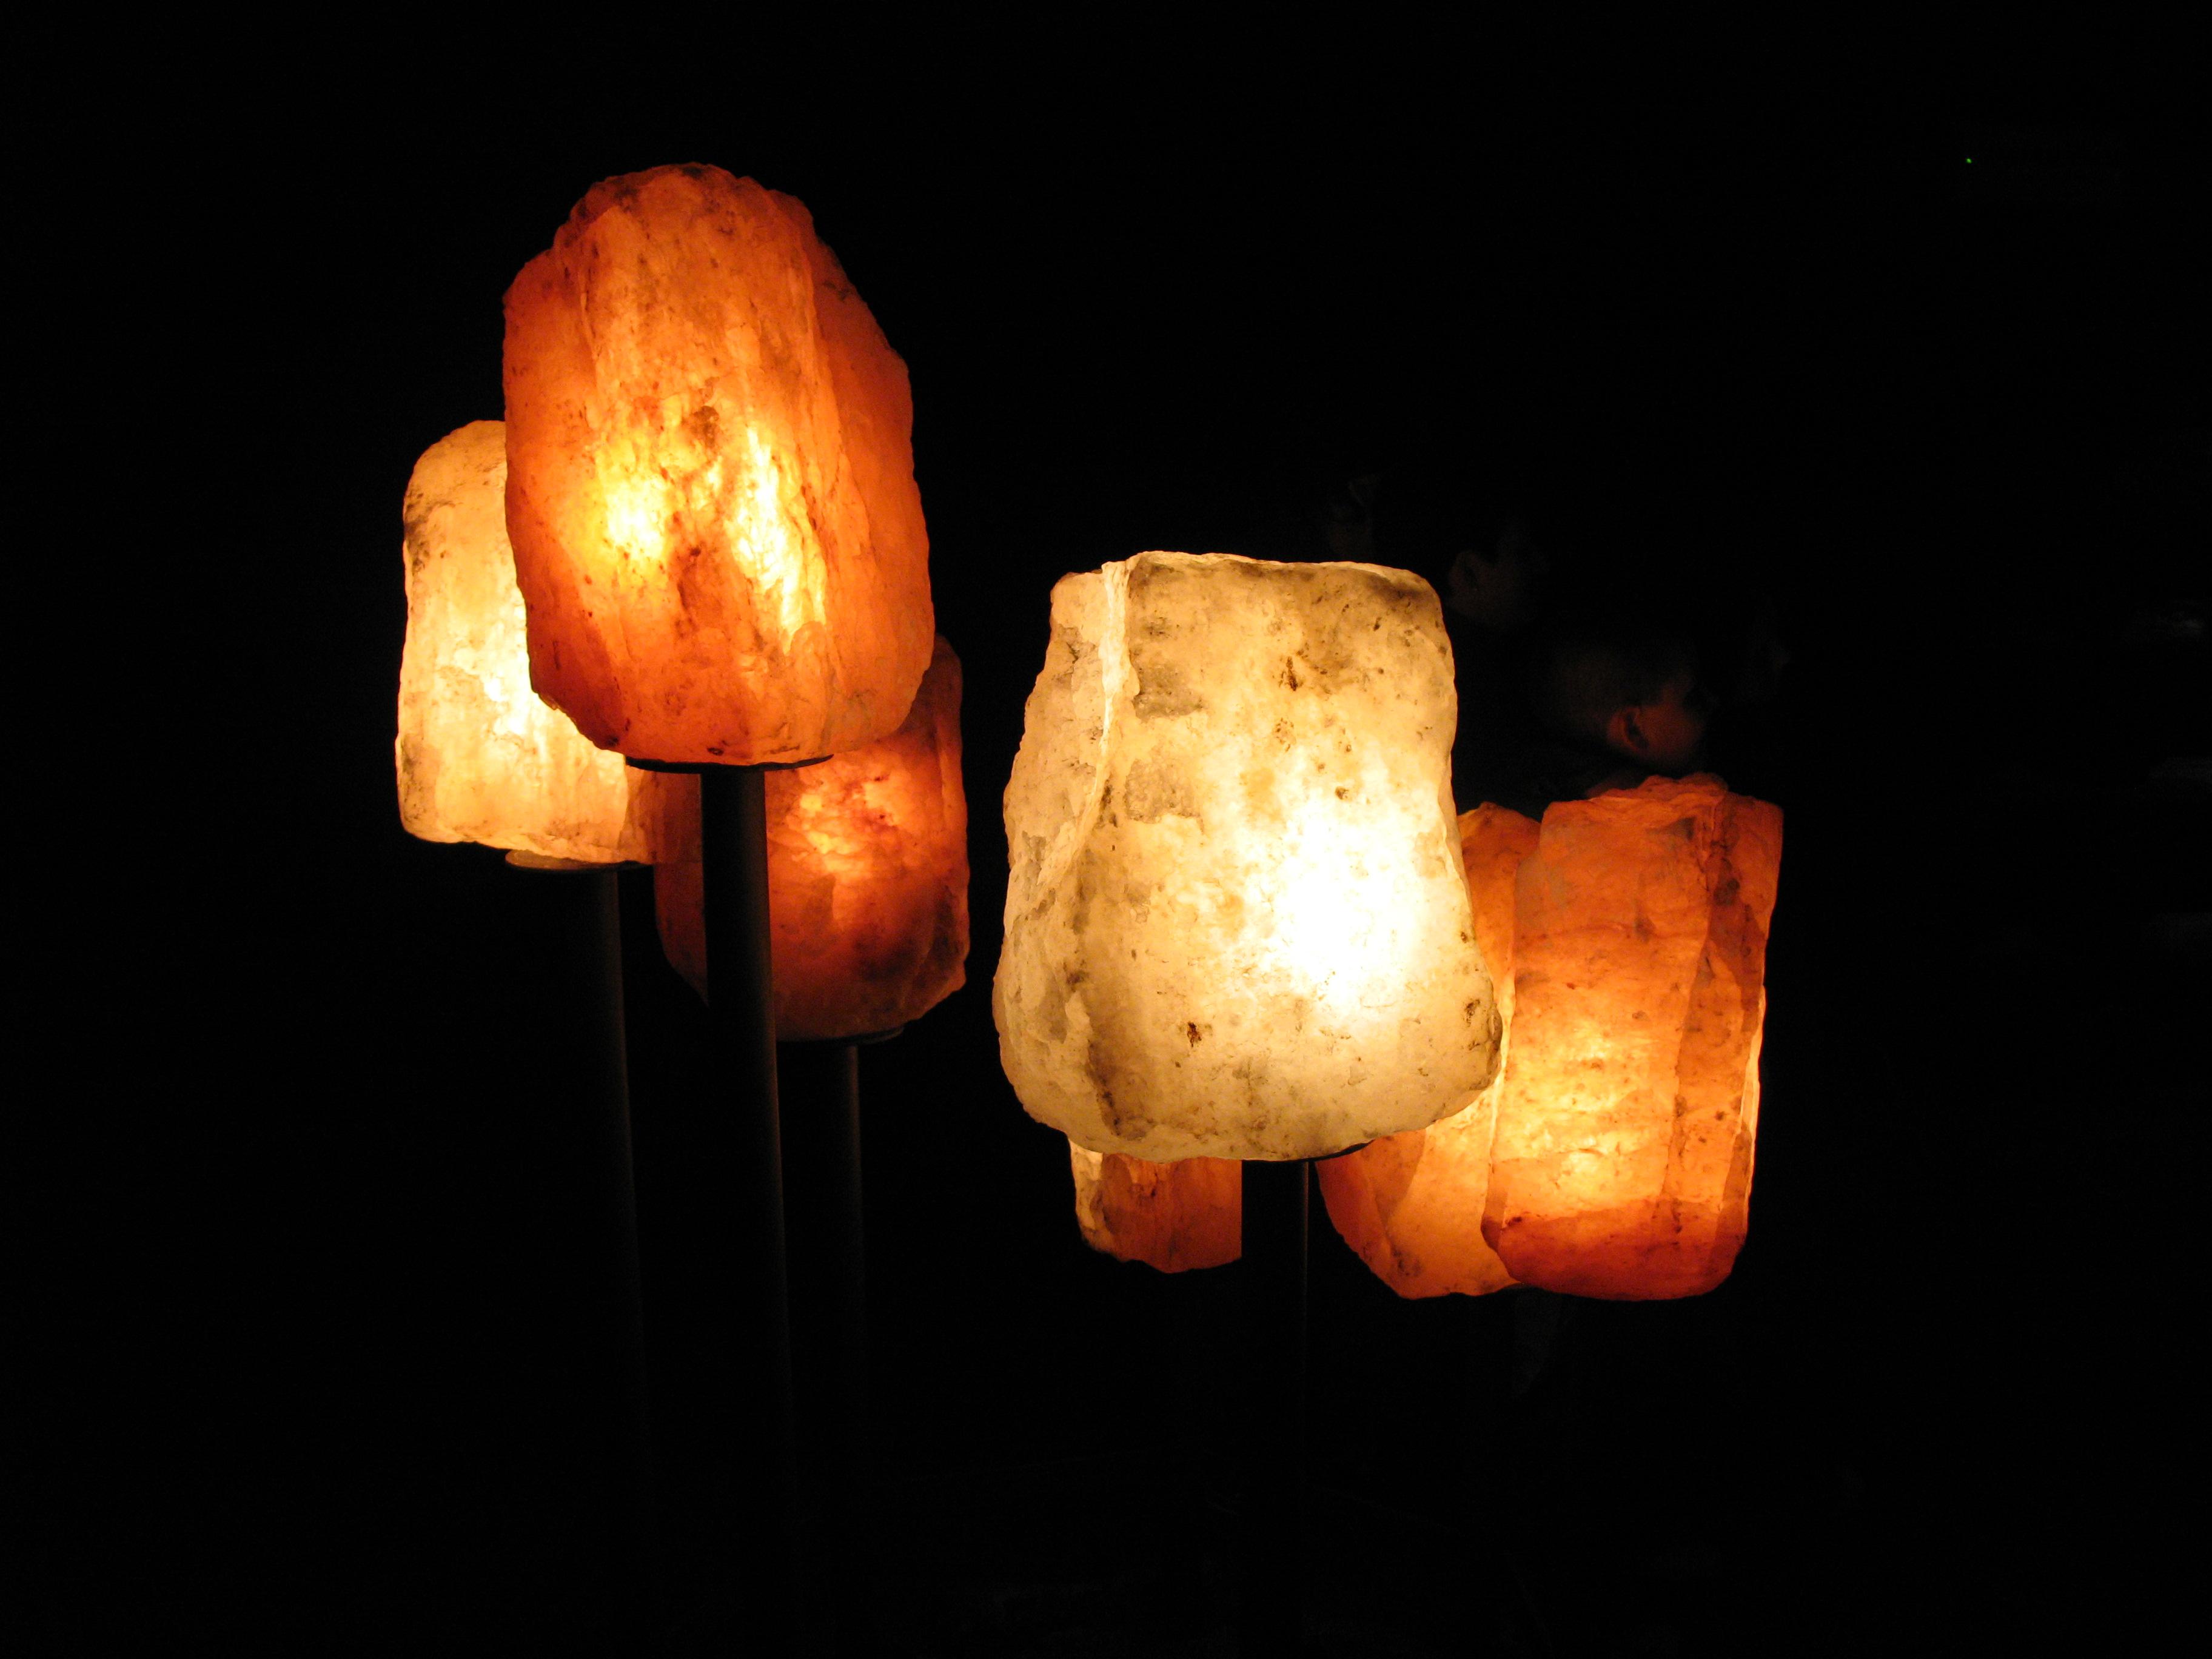 Salt Candles Or Lamps : File:1089 - Hallstatt - Salzbergwerk - Salt Lamps.JPG - Wikimedia Commons